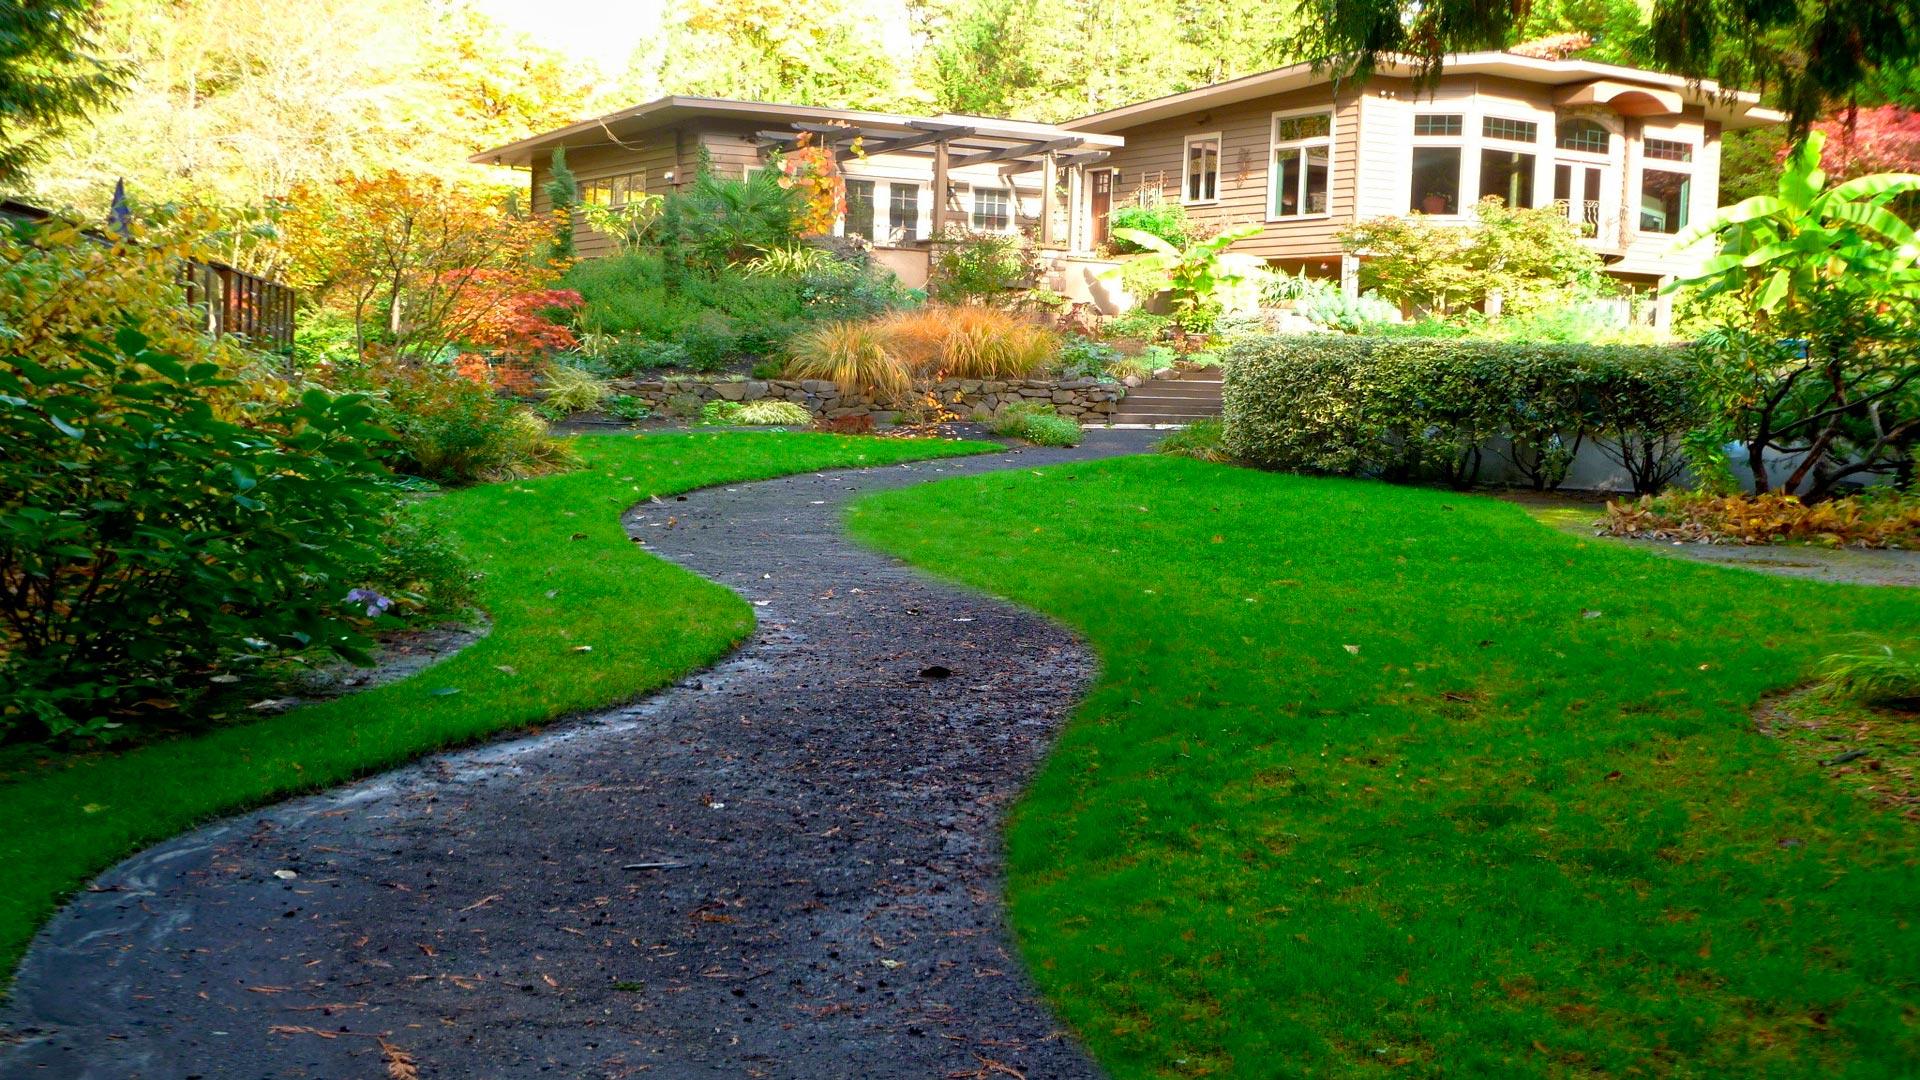 Un camino de cemento en el jard n for Bloques cemento para jardin